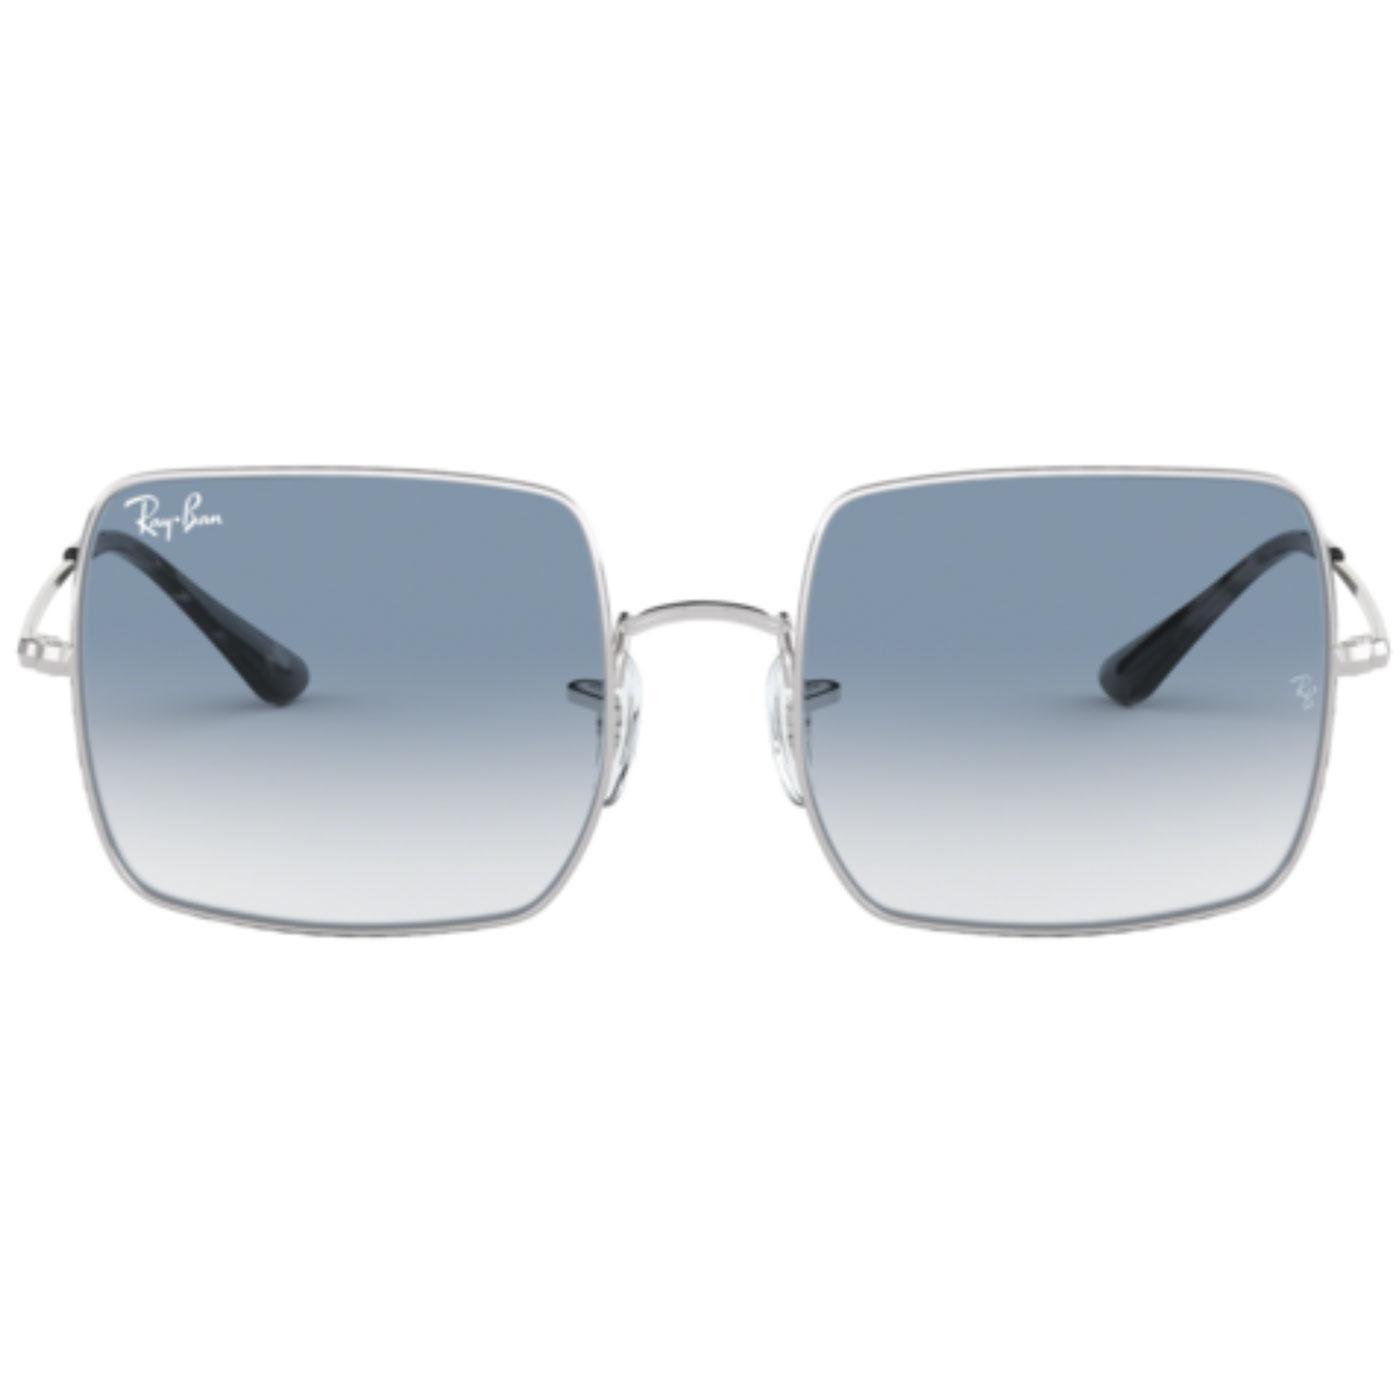 1971 Square RAY-BAN Retro 70s Square Sunglasses S